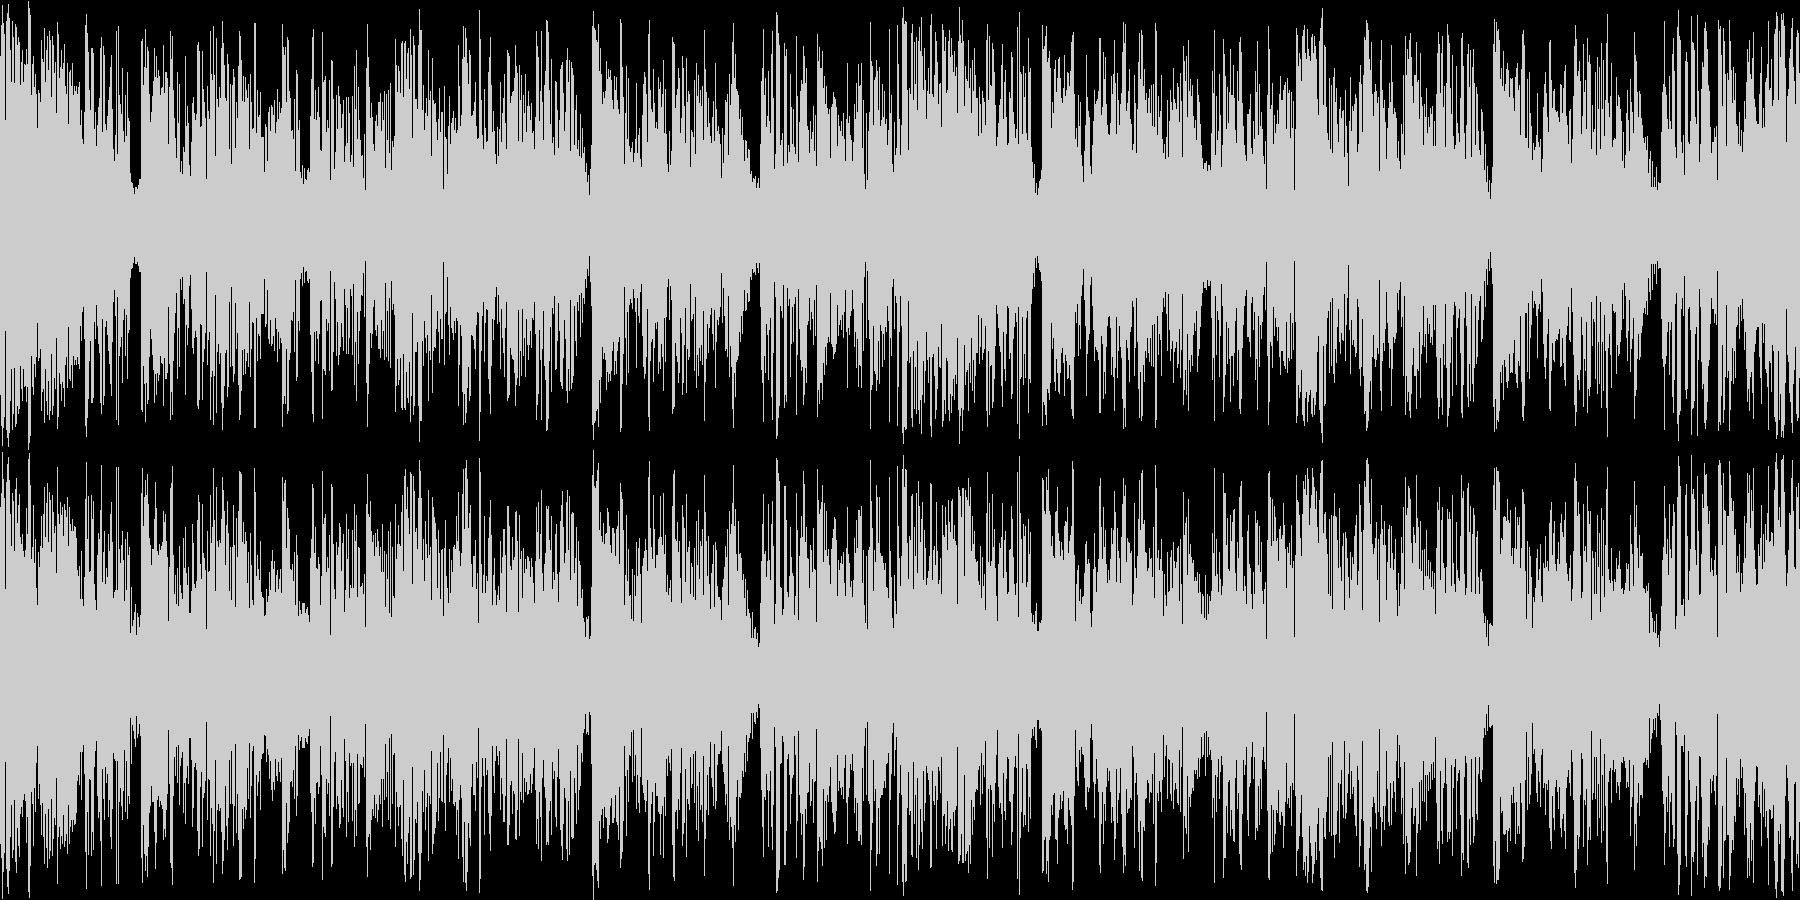 緊迫感のある4つ打ちループBGMの未再生の波形